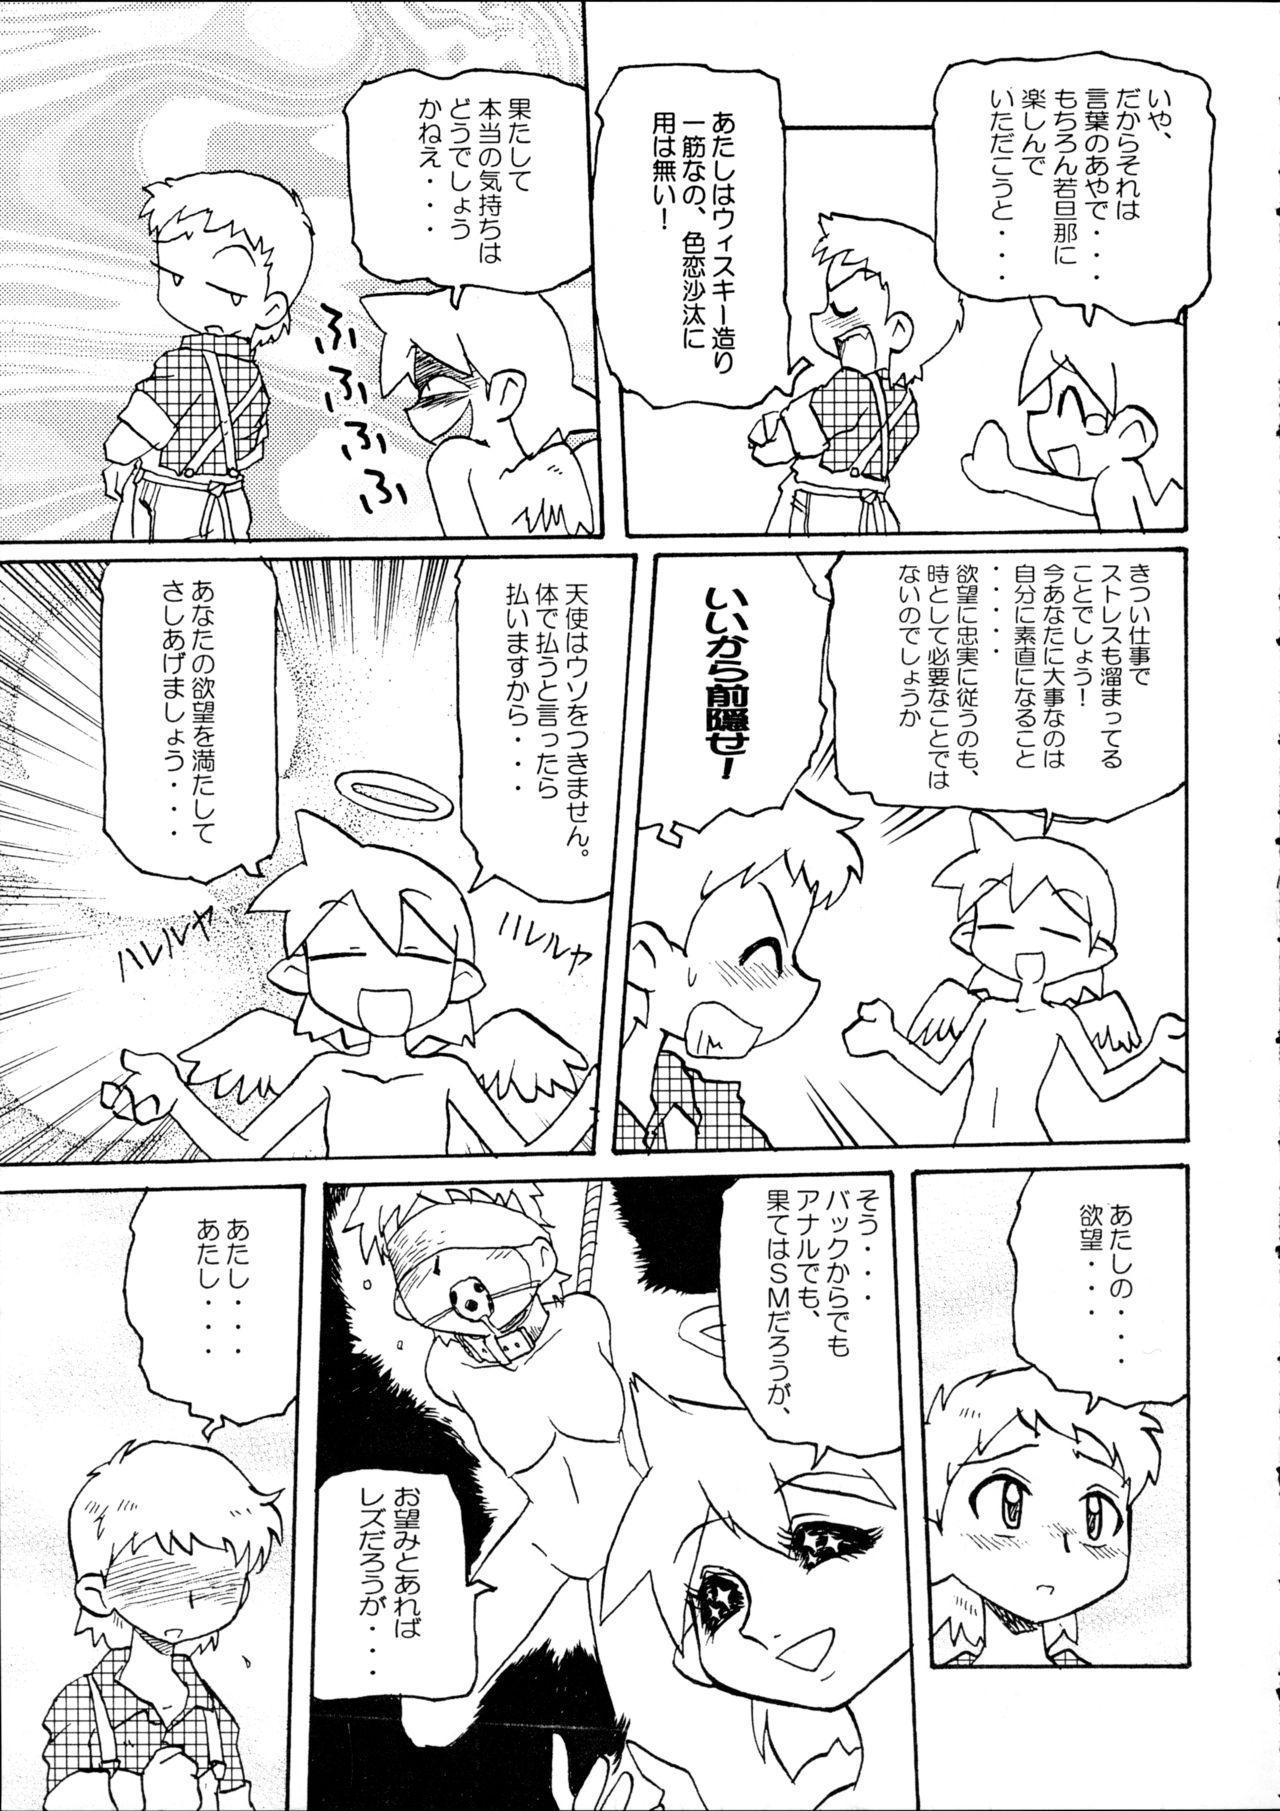 Tenshi no Yuuwaku 15